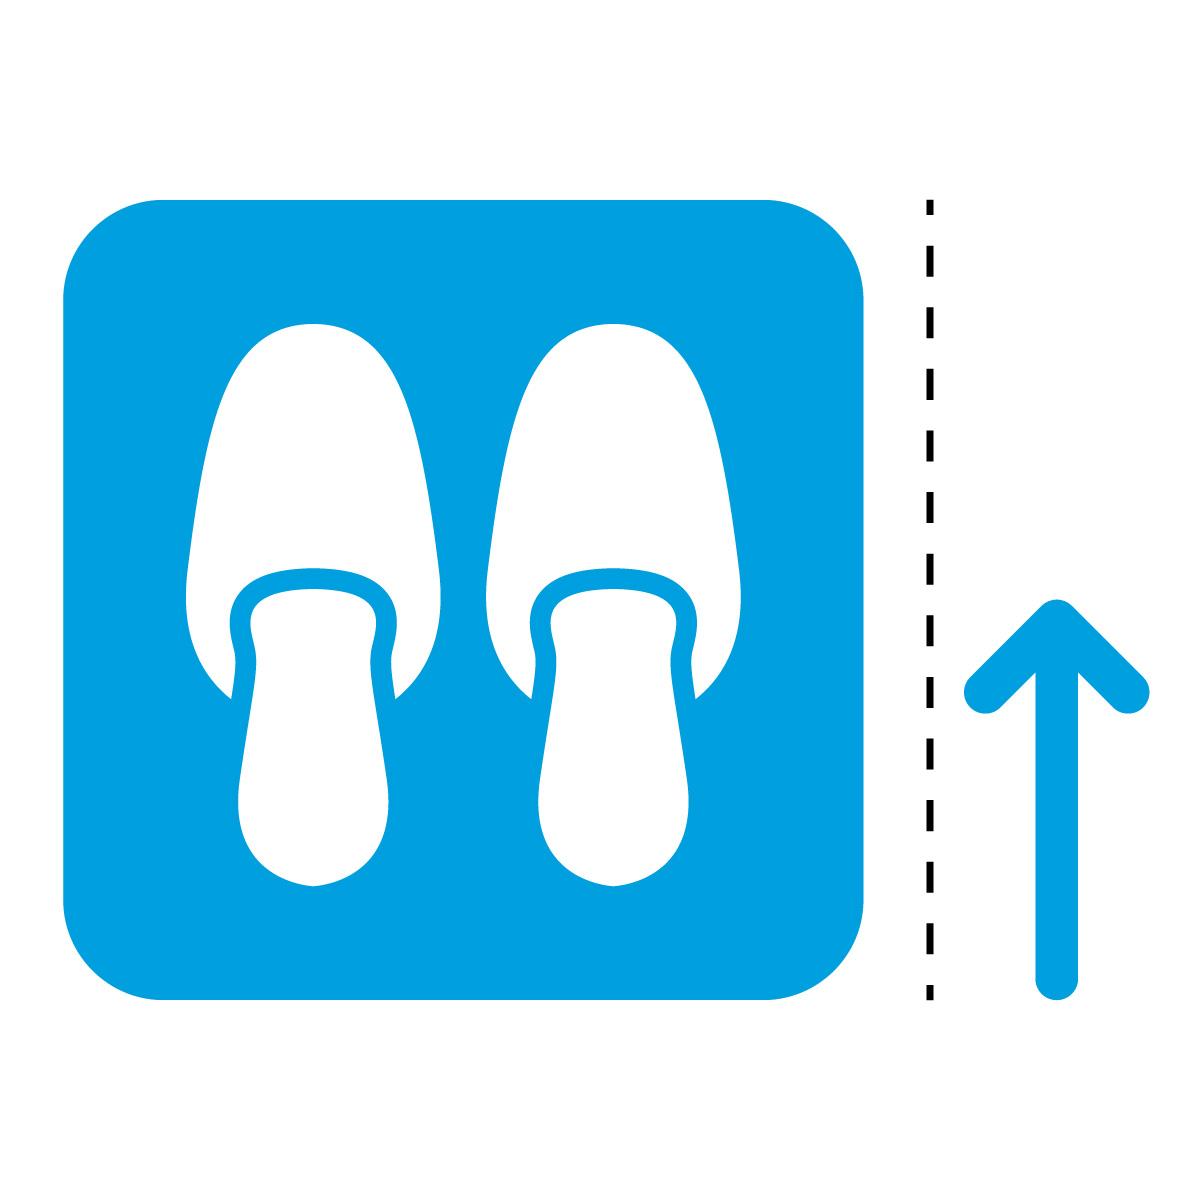 青色のスリッパ・内履き案内マーク(矢印付き)のカッティングステッカー光沢タイプ・防水・耐水・屋外耐候3~4年